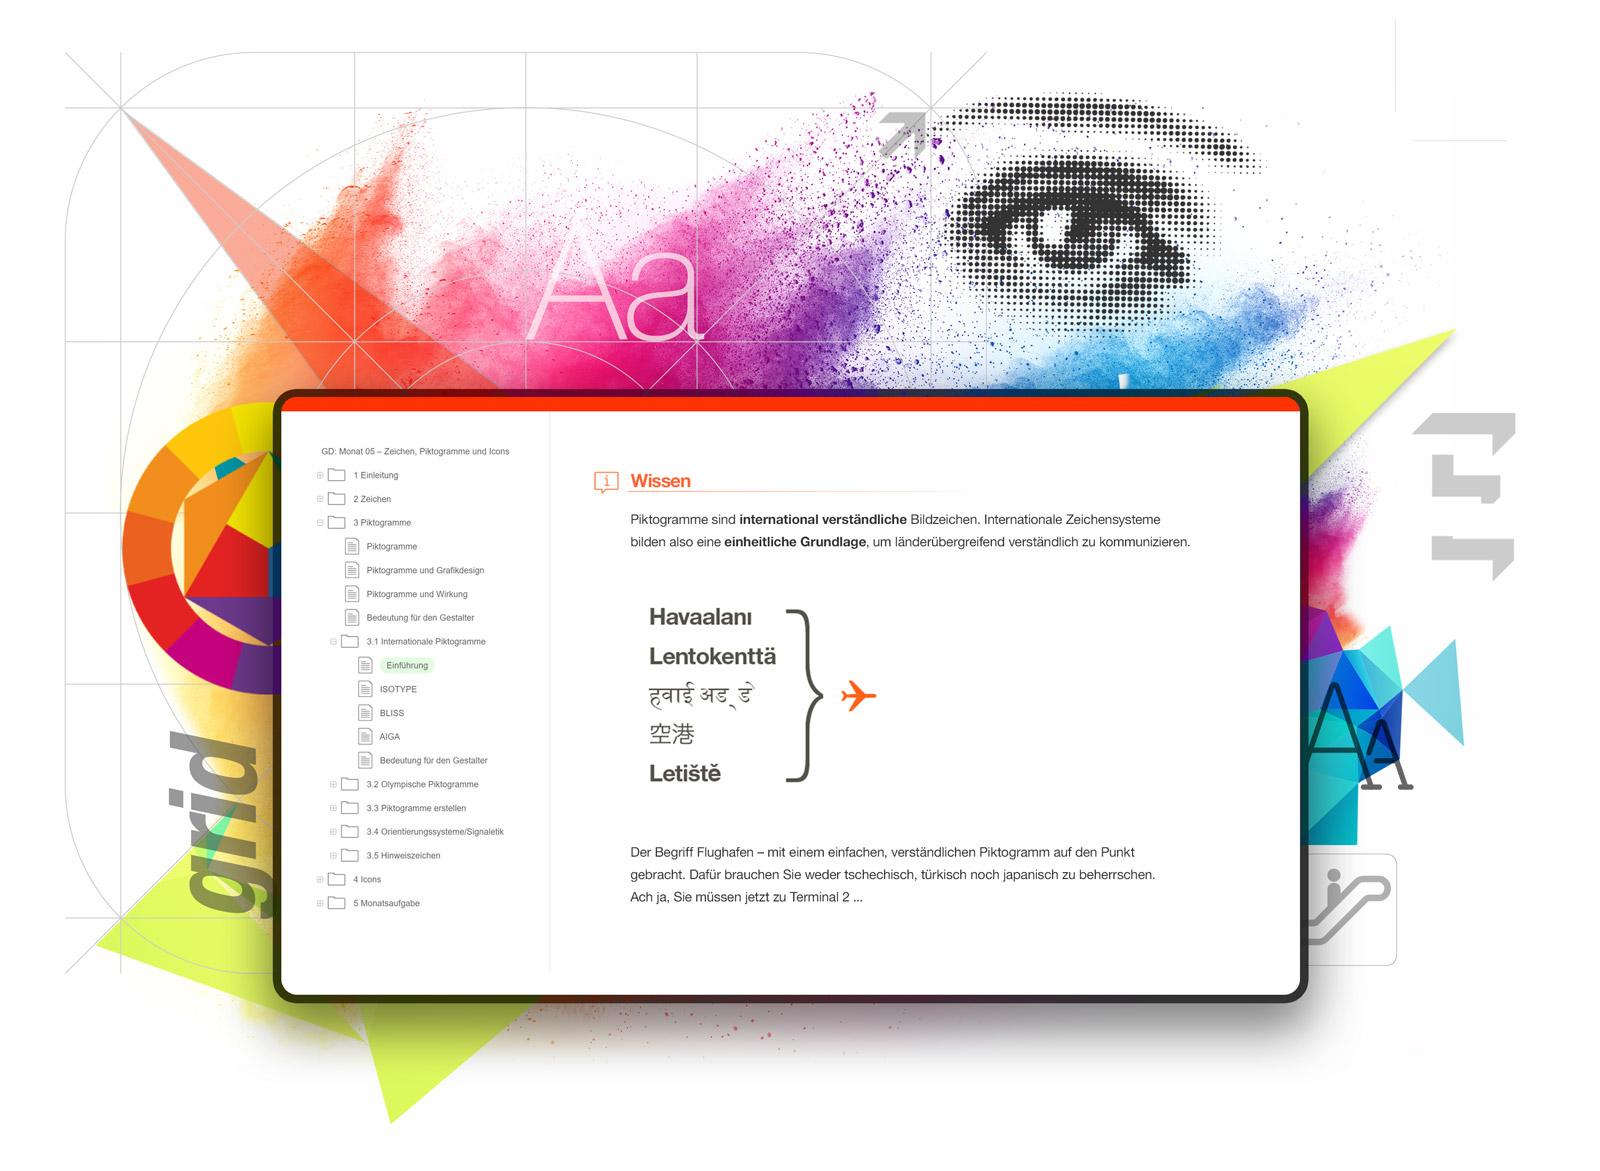 OfG Online-Schule für Gestaltung; eLearning Plattform